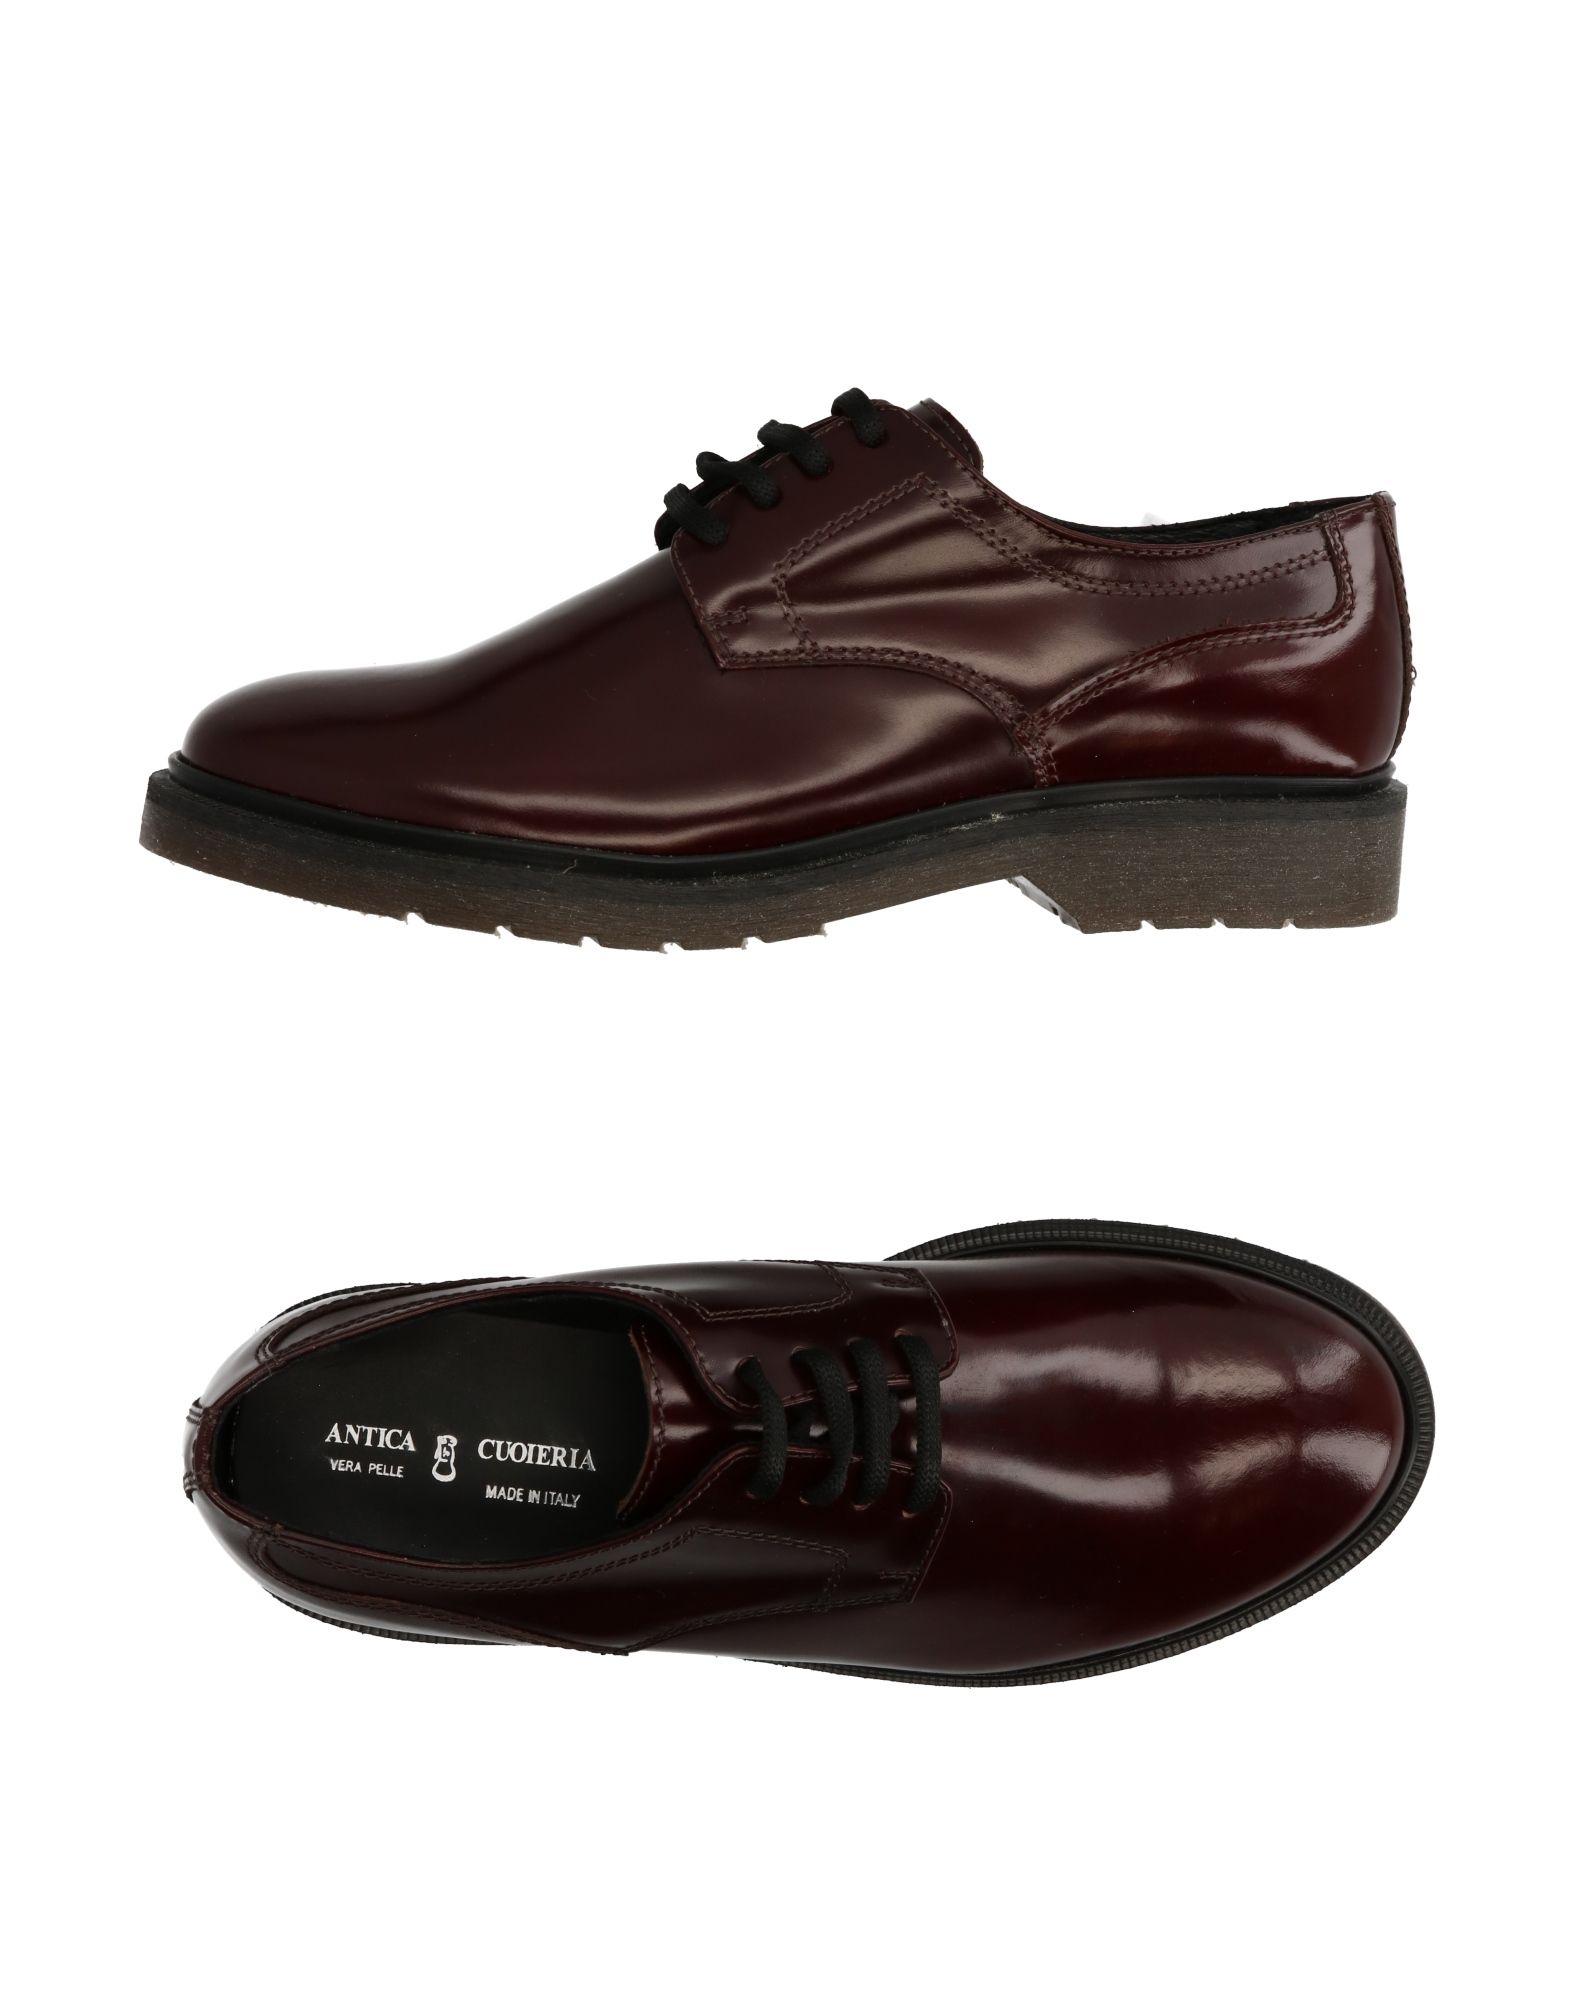 Chaussures À Lacets Antica Cuoieria Femme - Chaussures À Lacets Antica Cuoieria sur